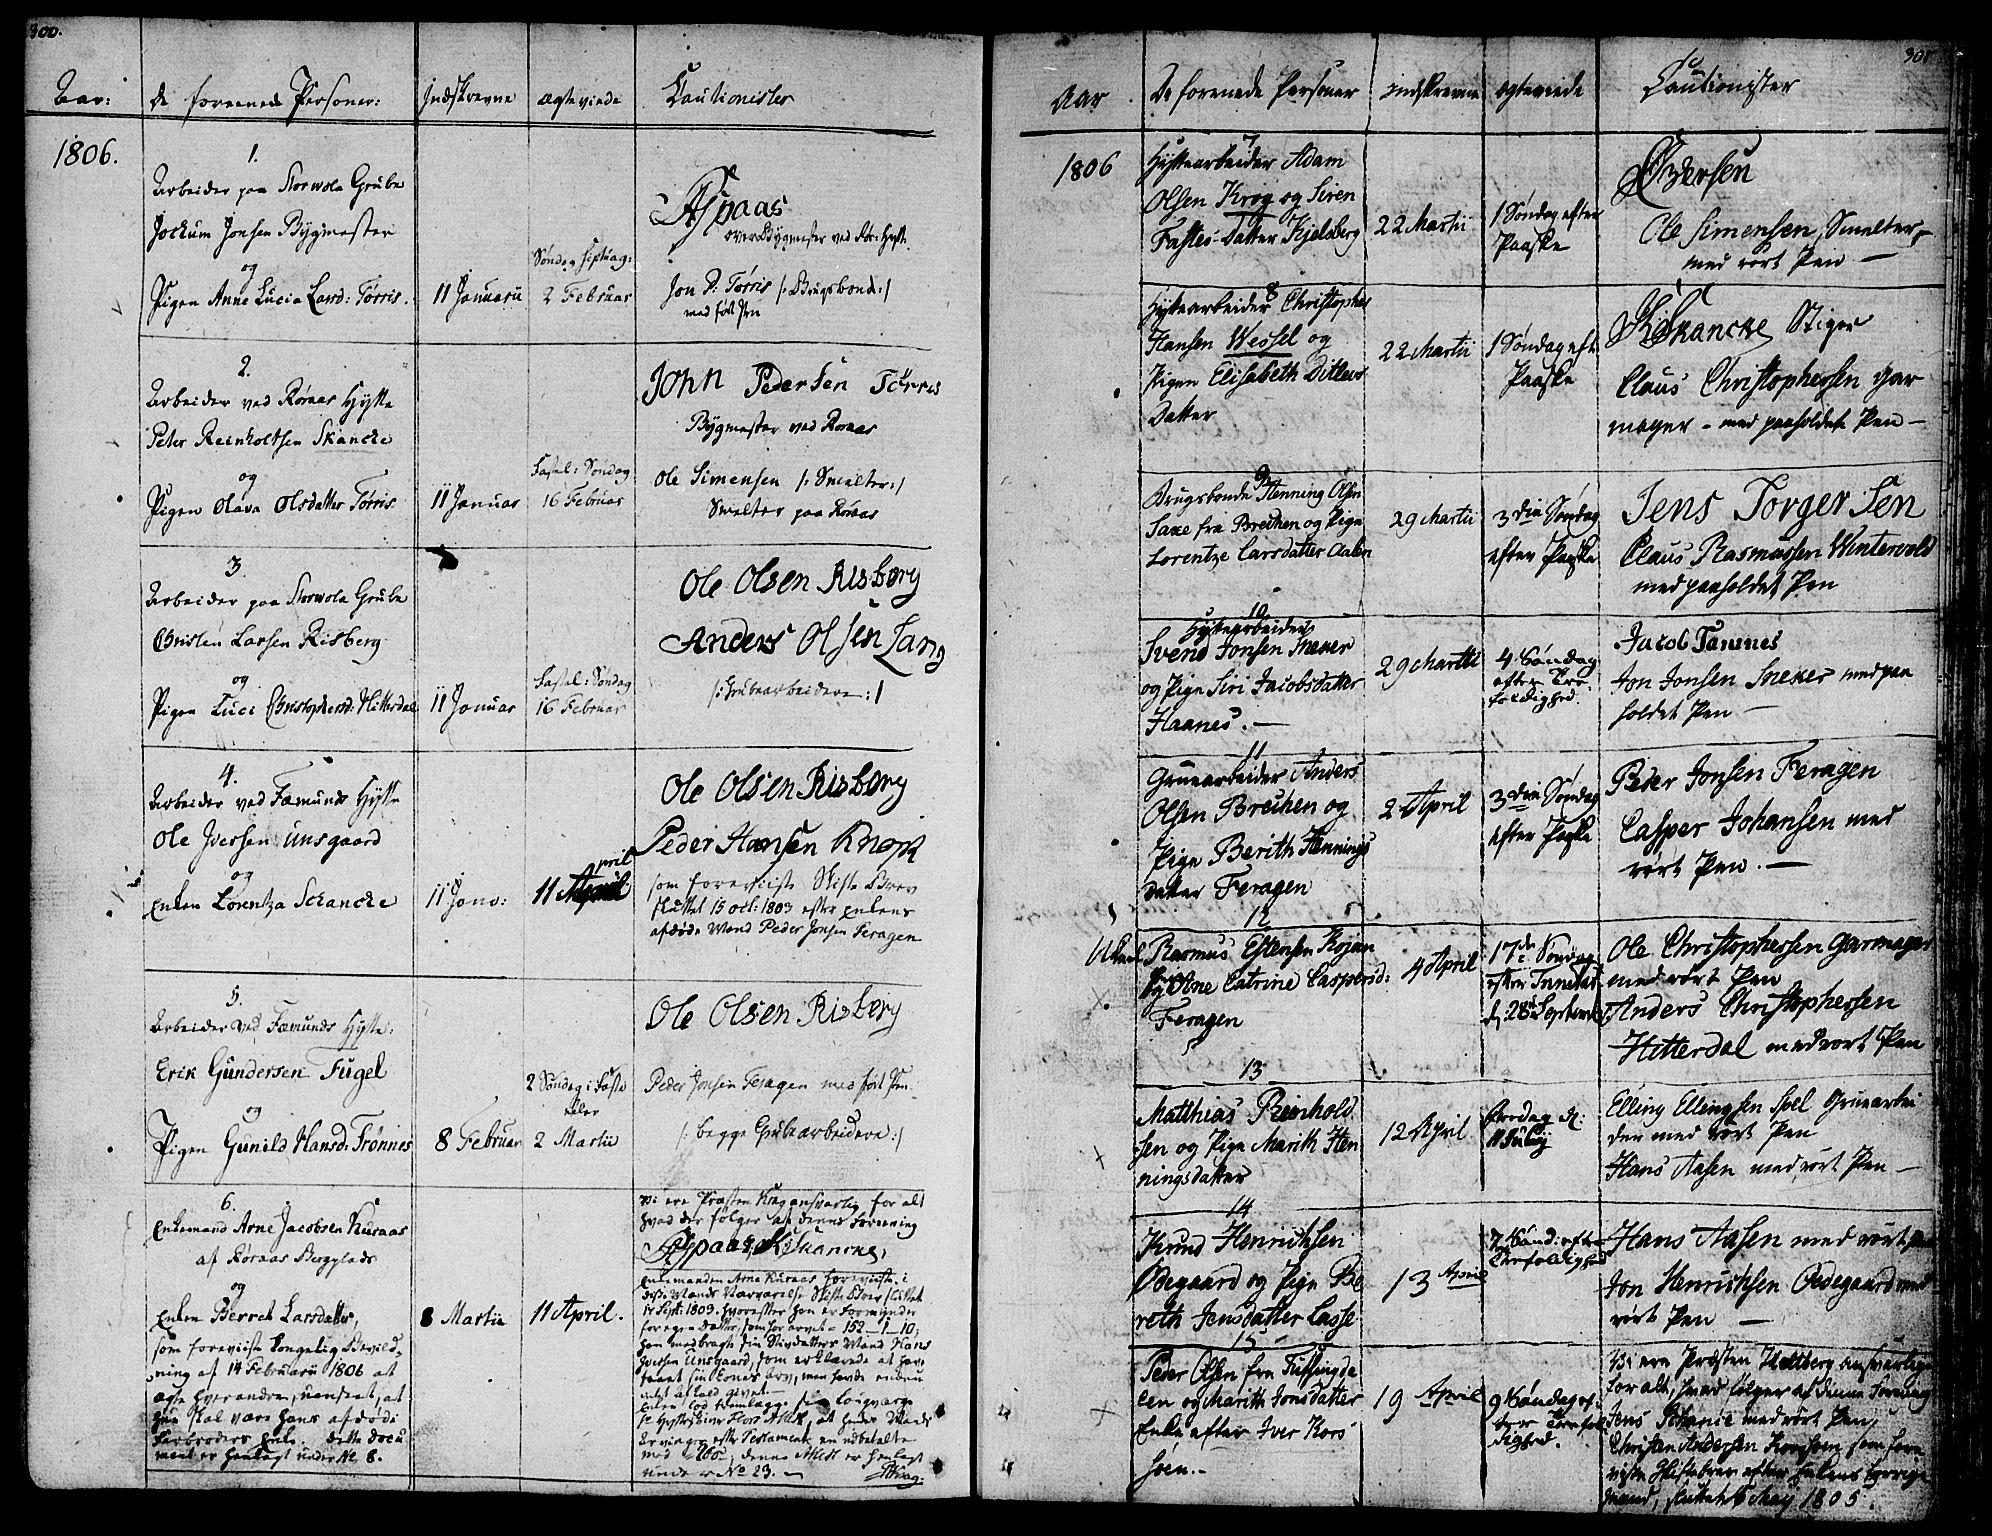 SAT, Ministerialprotokoller, klokkerbøker og fødselsregistre - Sør-Trøndelag, 681/L0928: Ministerialbok nr. 681A06, 1806-1816, s. 300-301